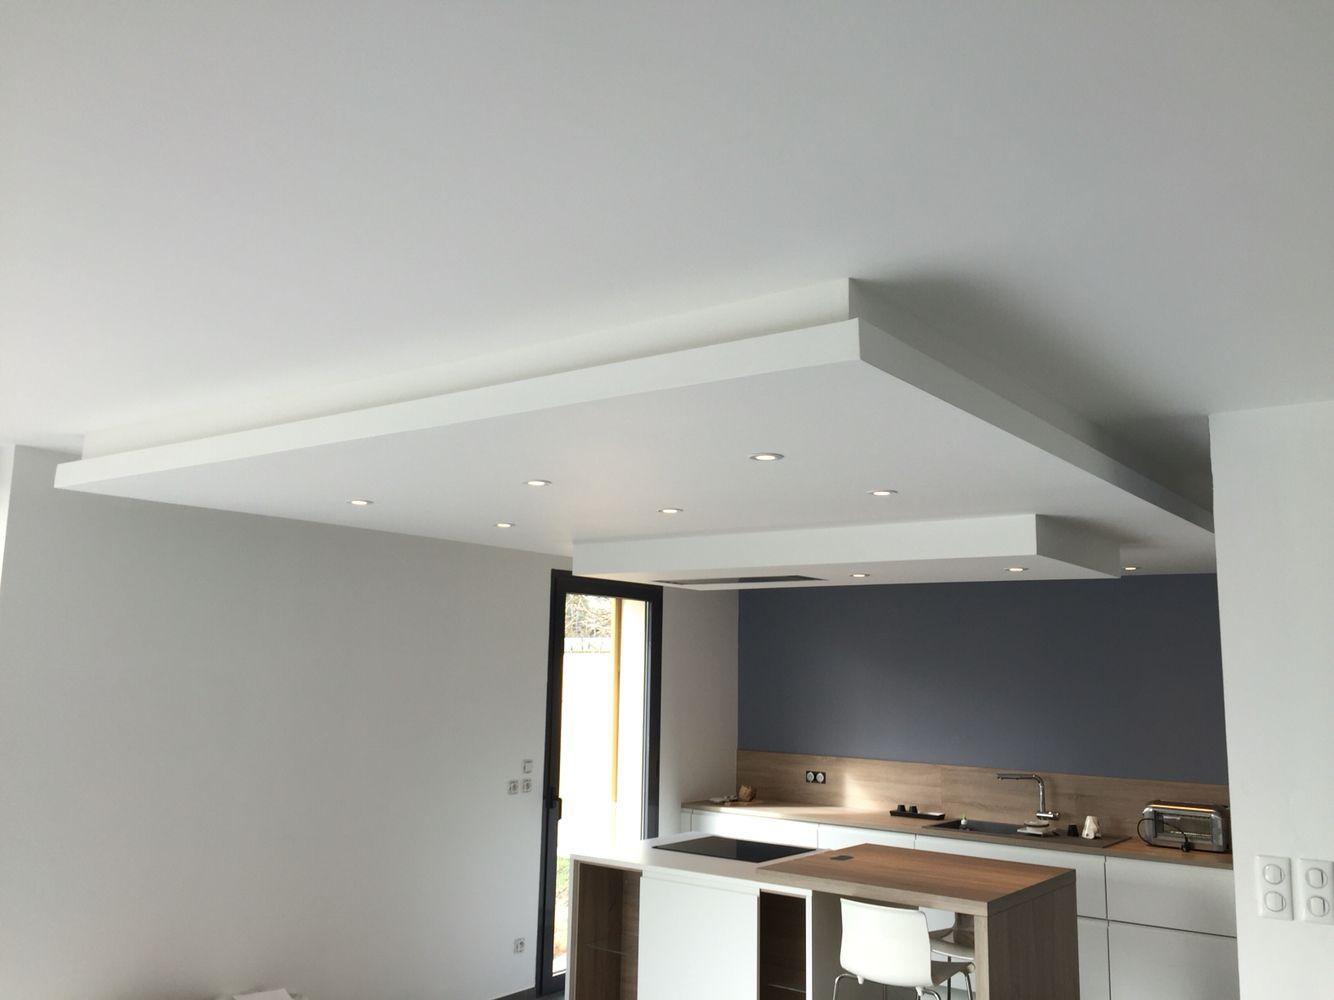 Plafond En Placoplatre Avec Hotte Integree Maison Faux Plafond Hotte Integree